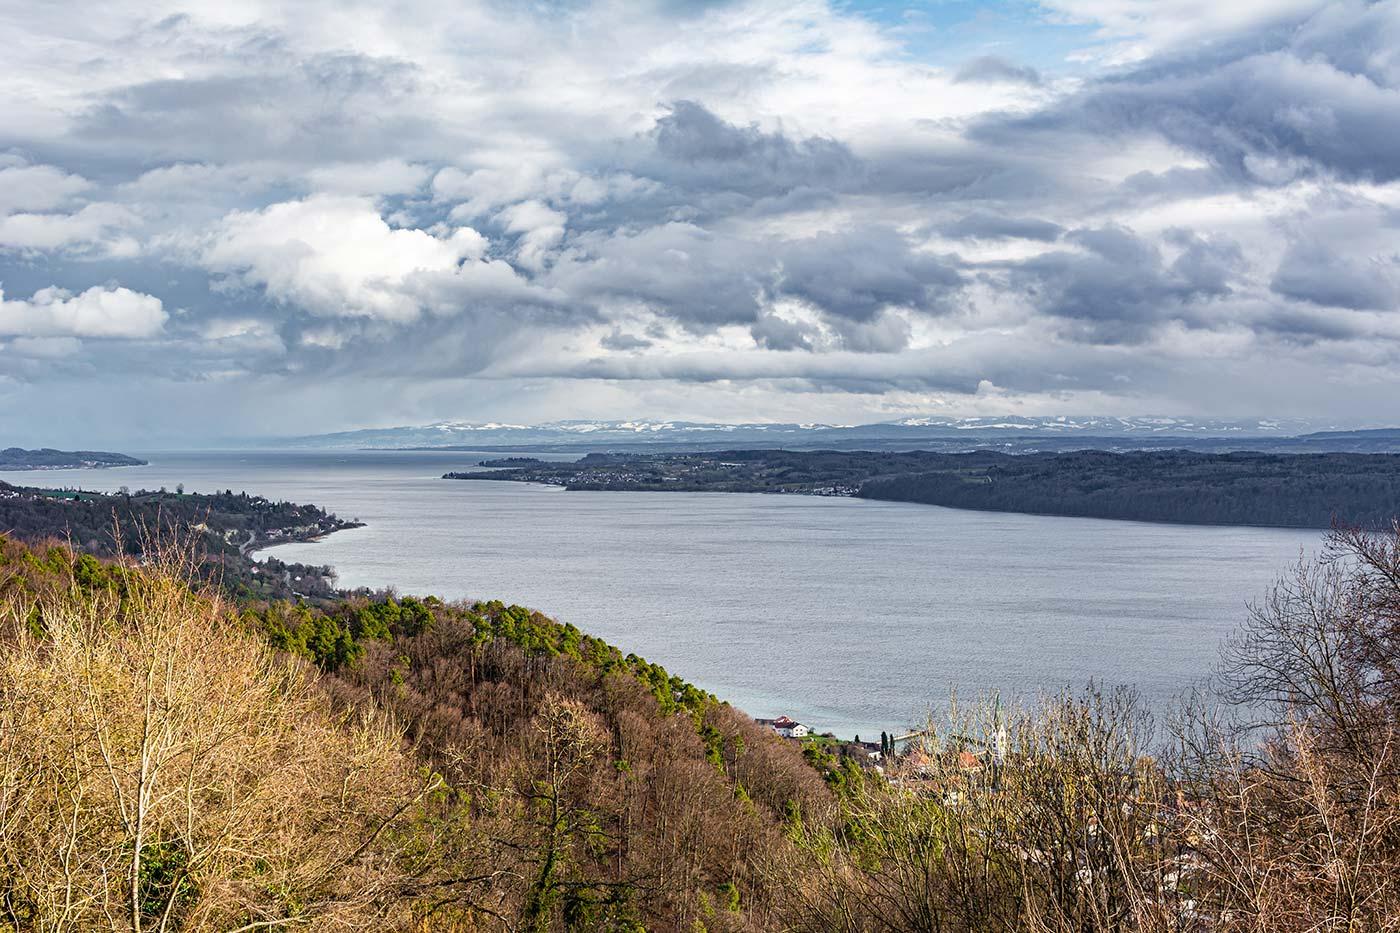 Der Haldenhof ist einer der bekanntesten Aussichtspunkte des Bodensees